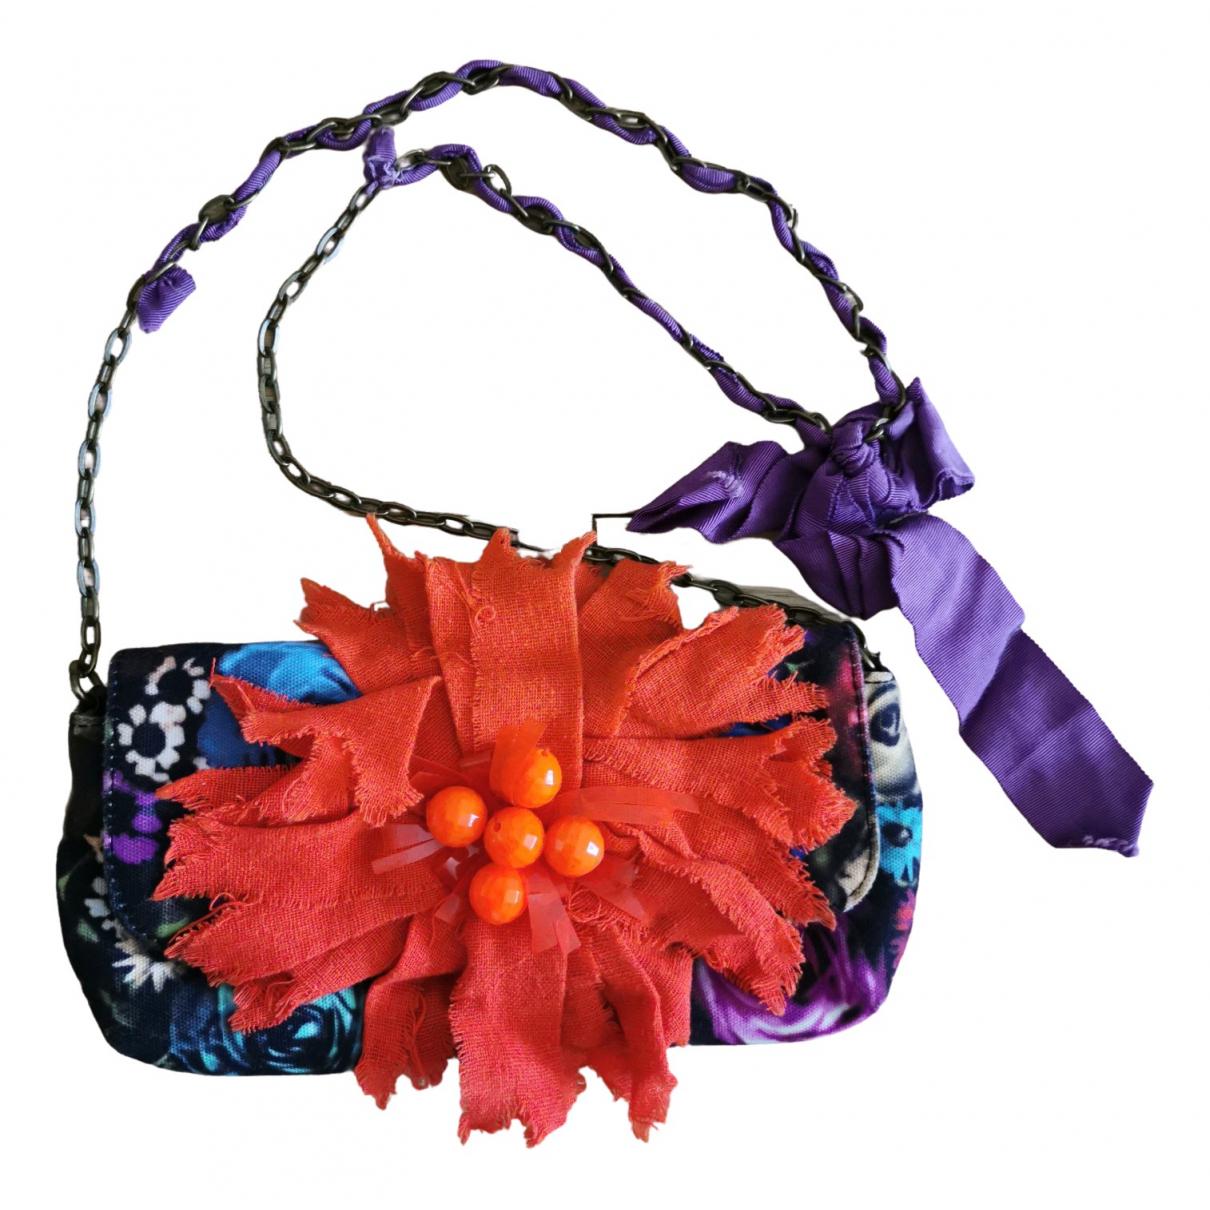 Bolsos clutch en Algodon Violeta Lanvin For H&m